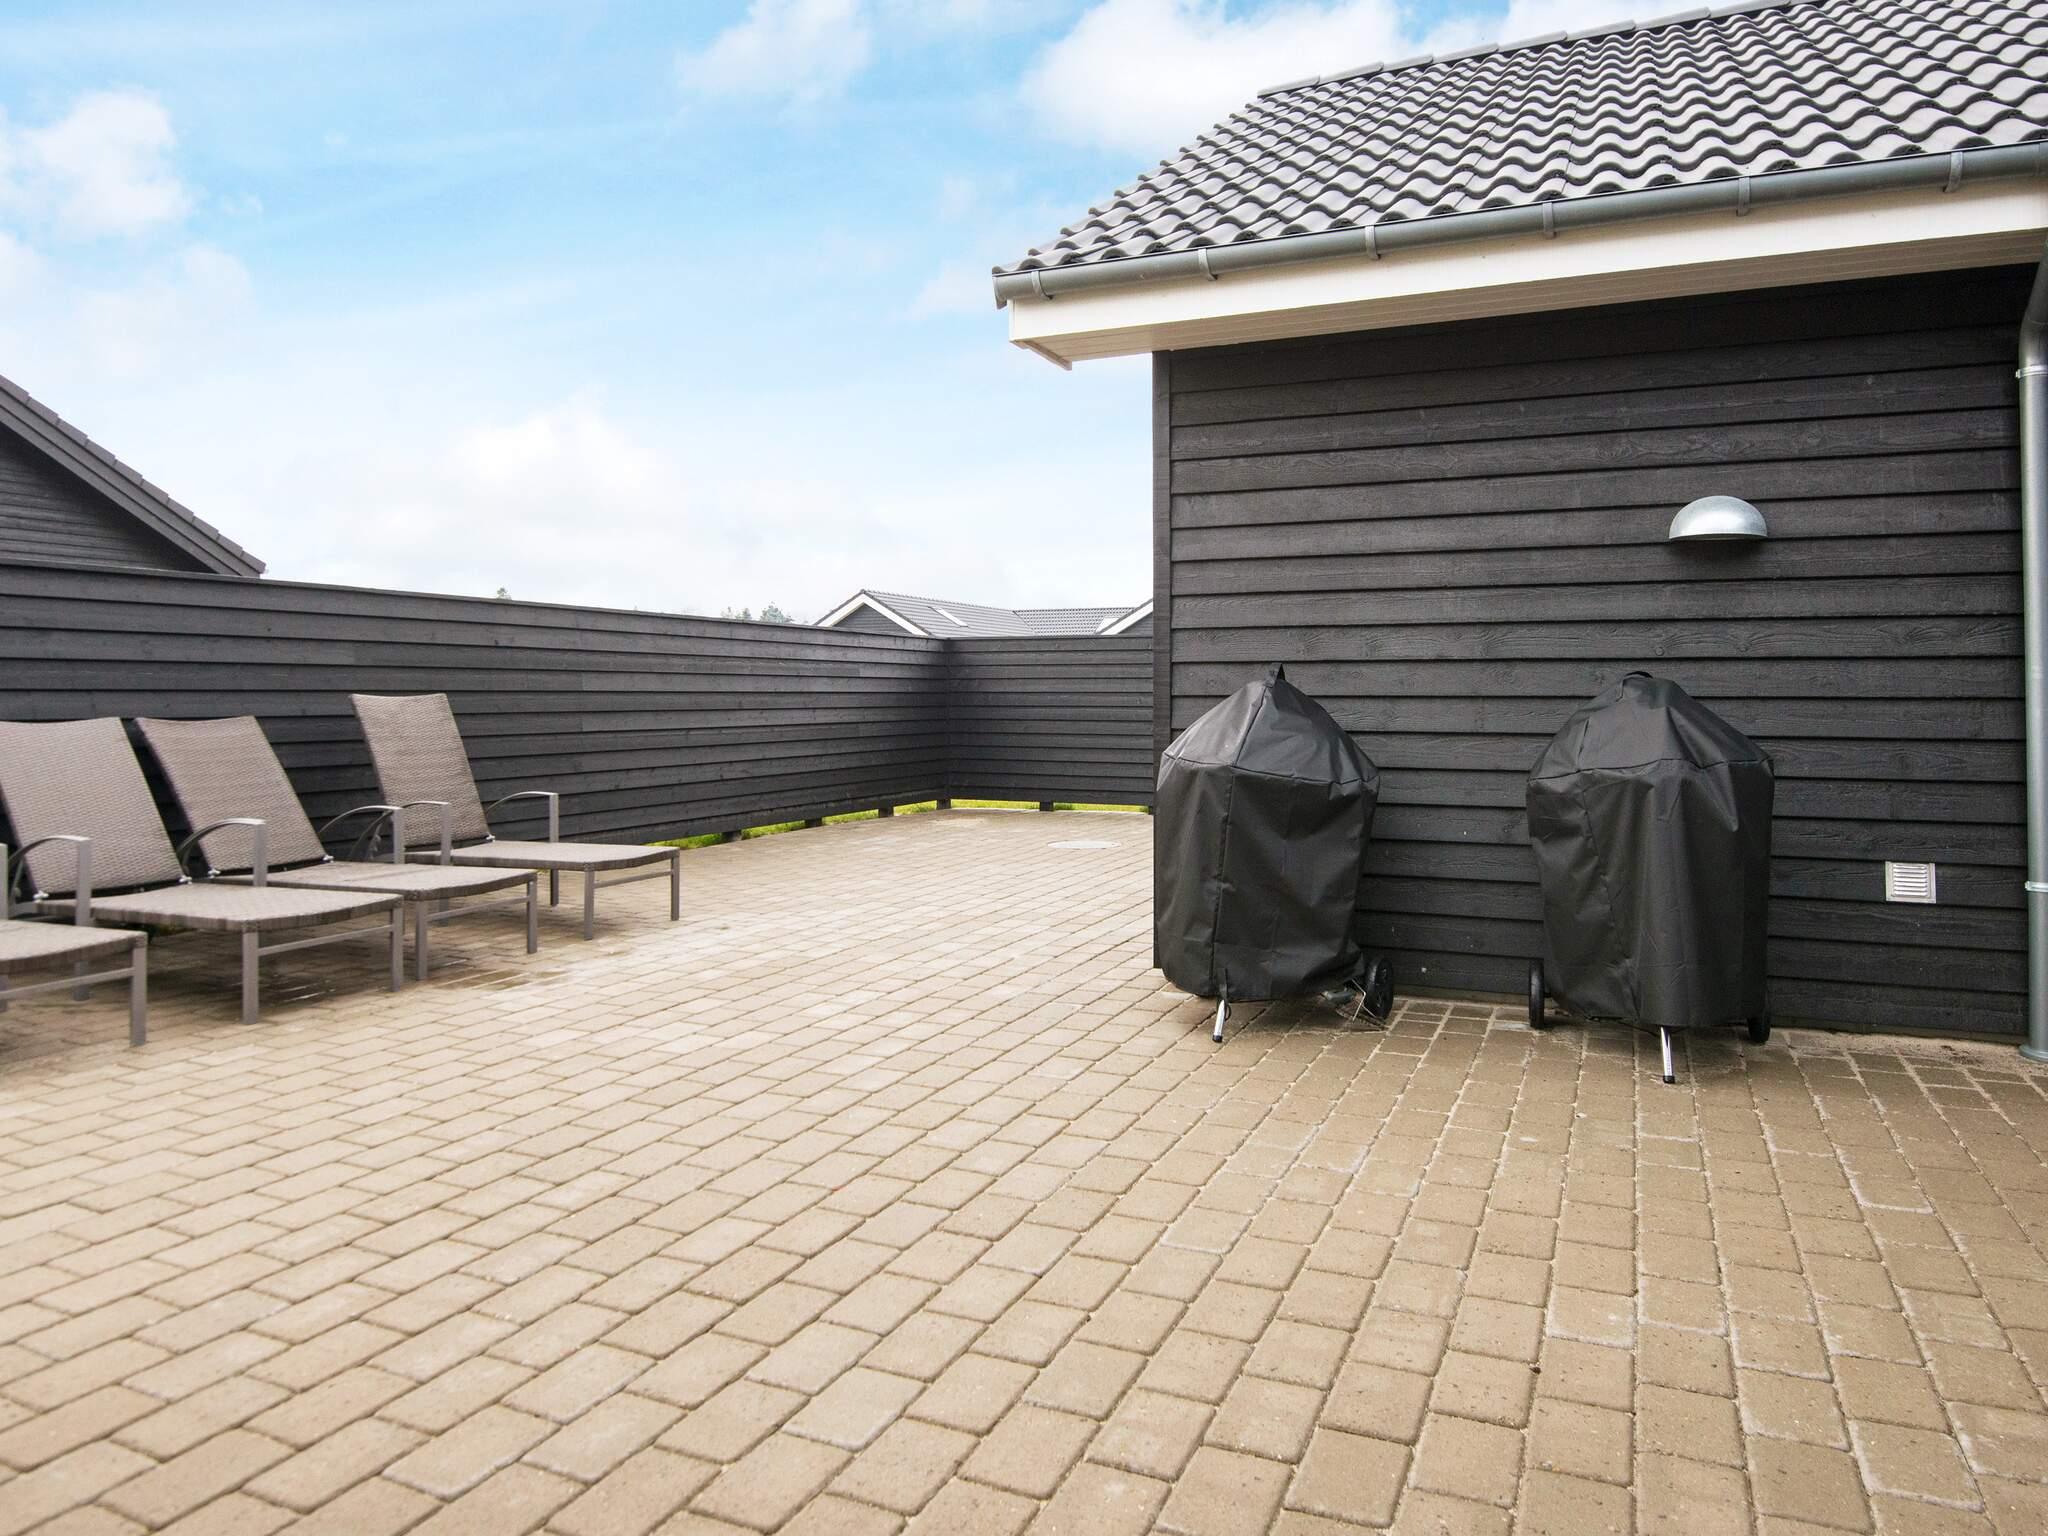 Ferienhaus Houstrup Strand (2561591), Nørre Nebel, , Westjütland, Dänemark, Bild 26